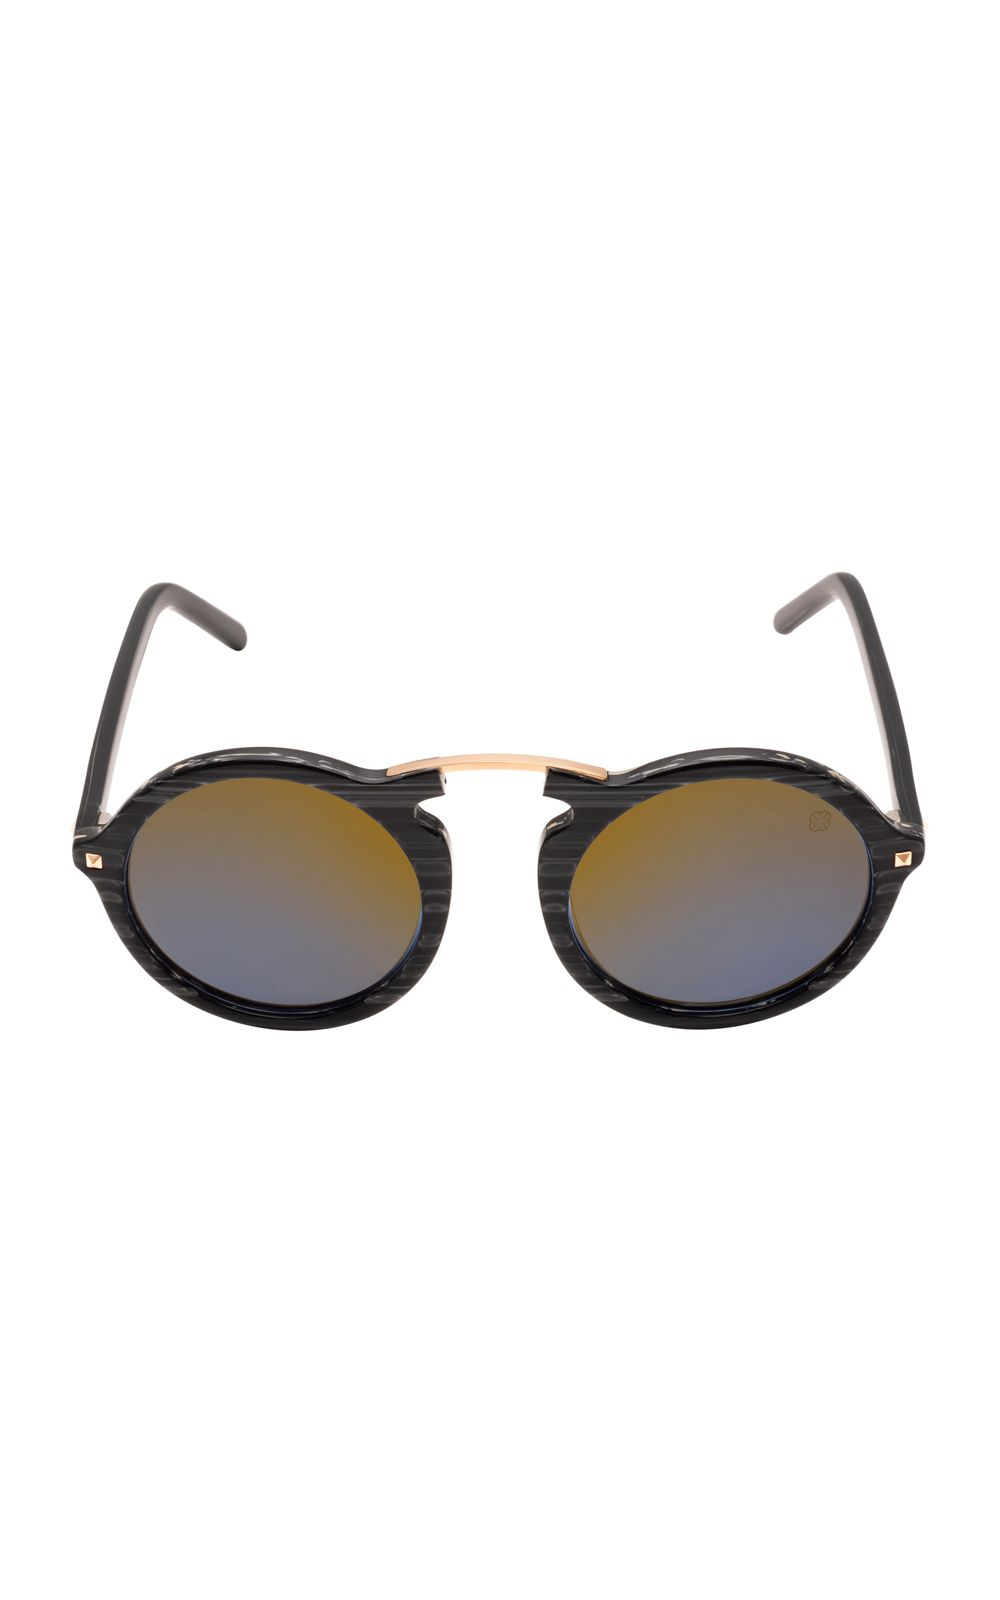 40ea3dff87ea6 Óculos Euro Casual Vintage Feminino Preto E0033AGB89 8A